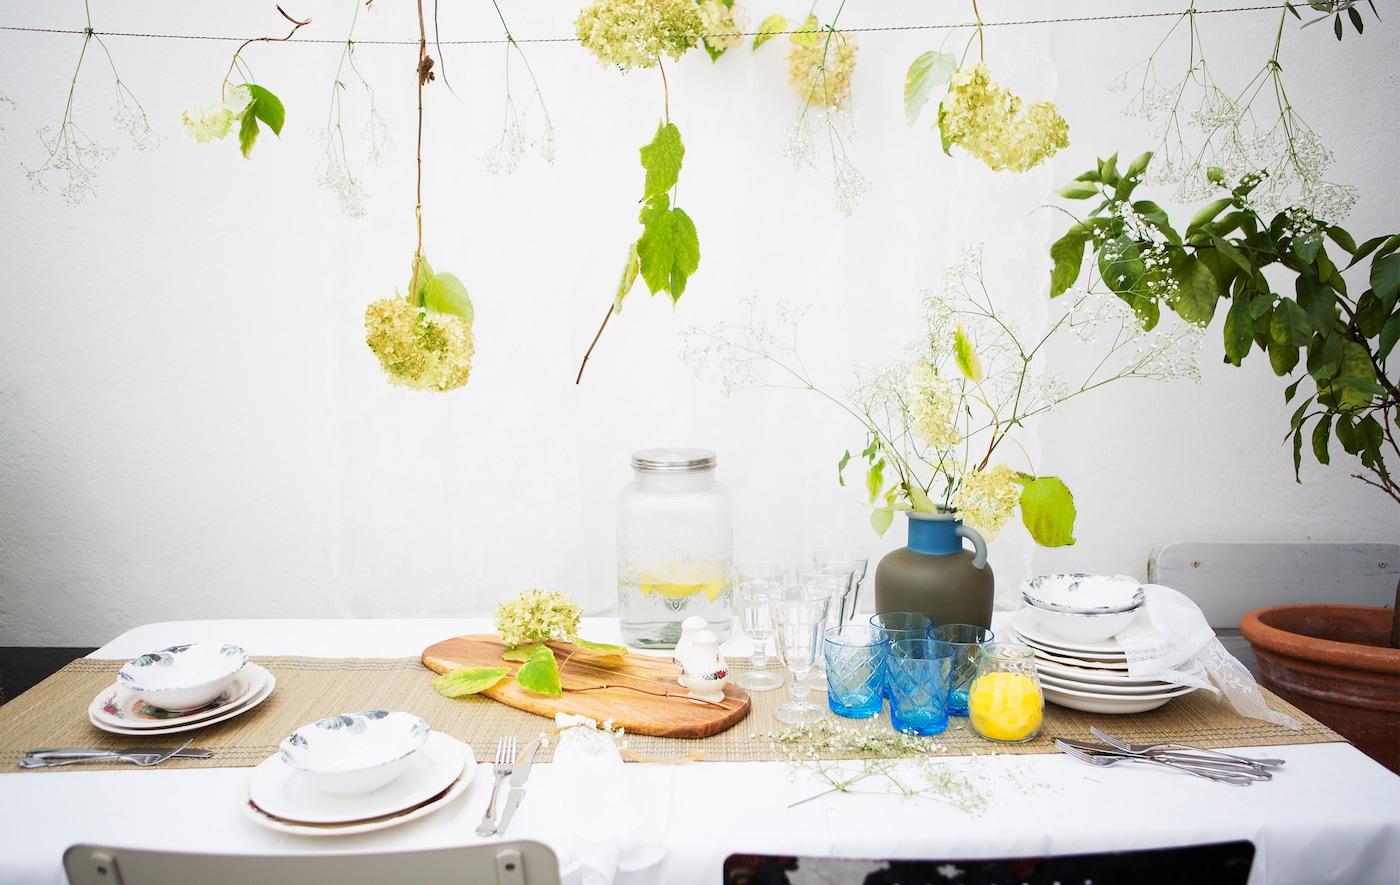 Tischgestaltung mit gemustertem Geschirr, Gläsern, einer Vase mit Blumen und Blumen